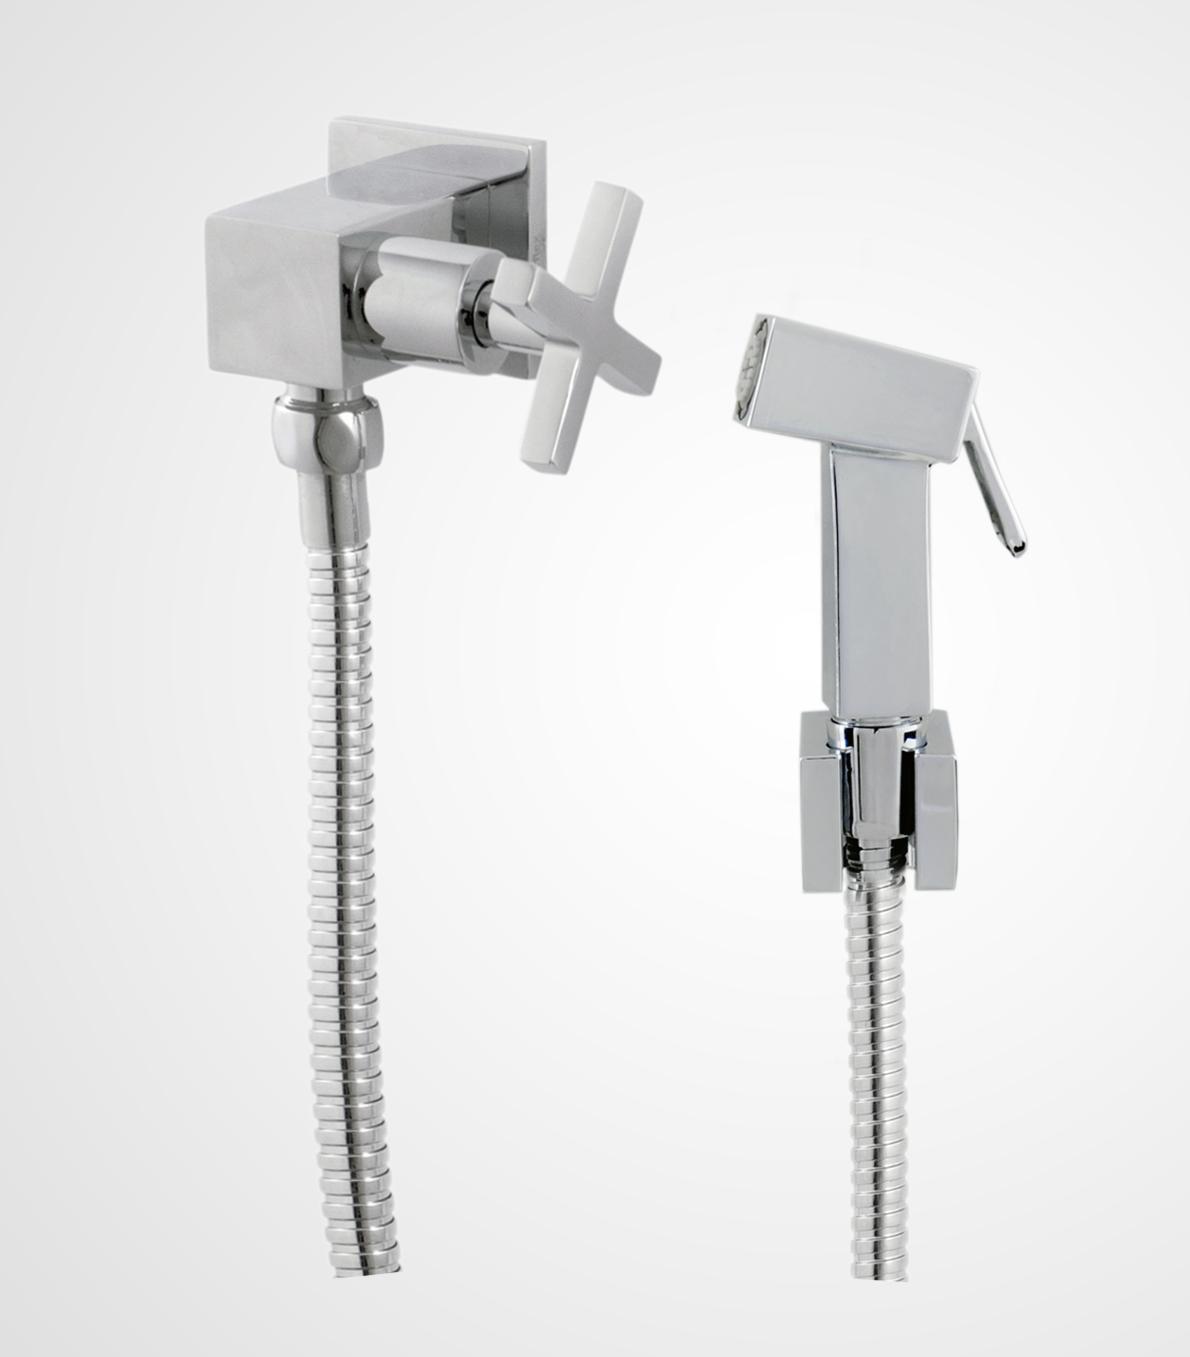 Ducha Higiênica New Quadra Perflex 10306110